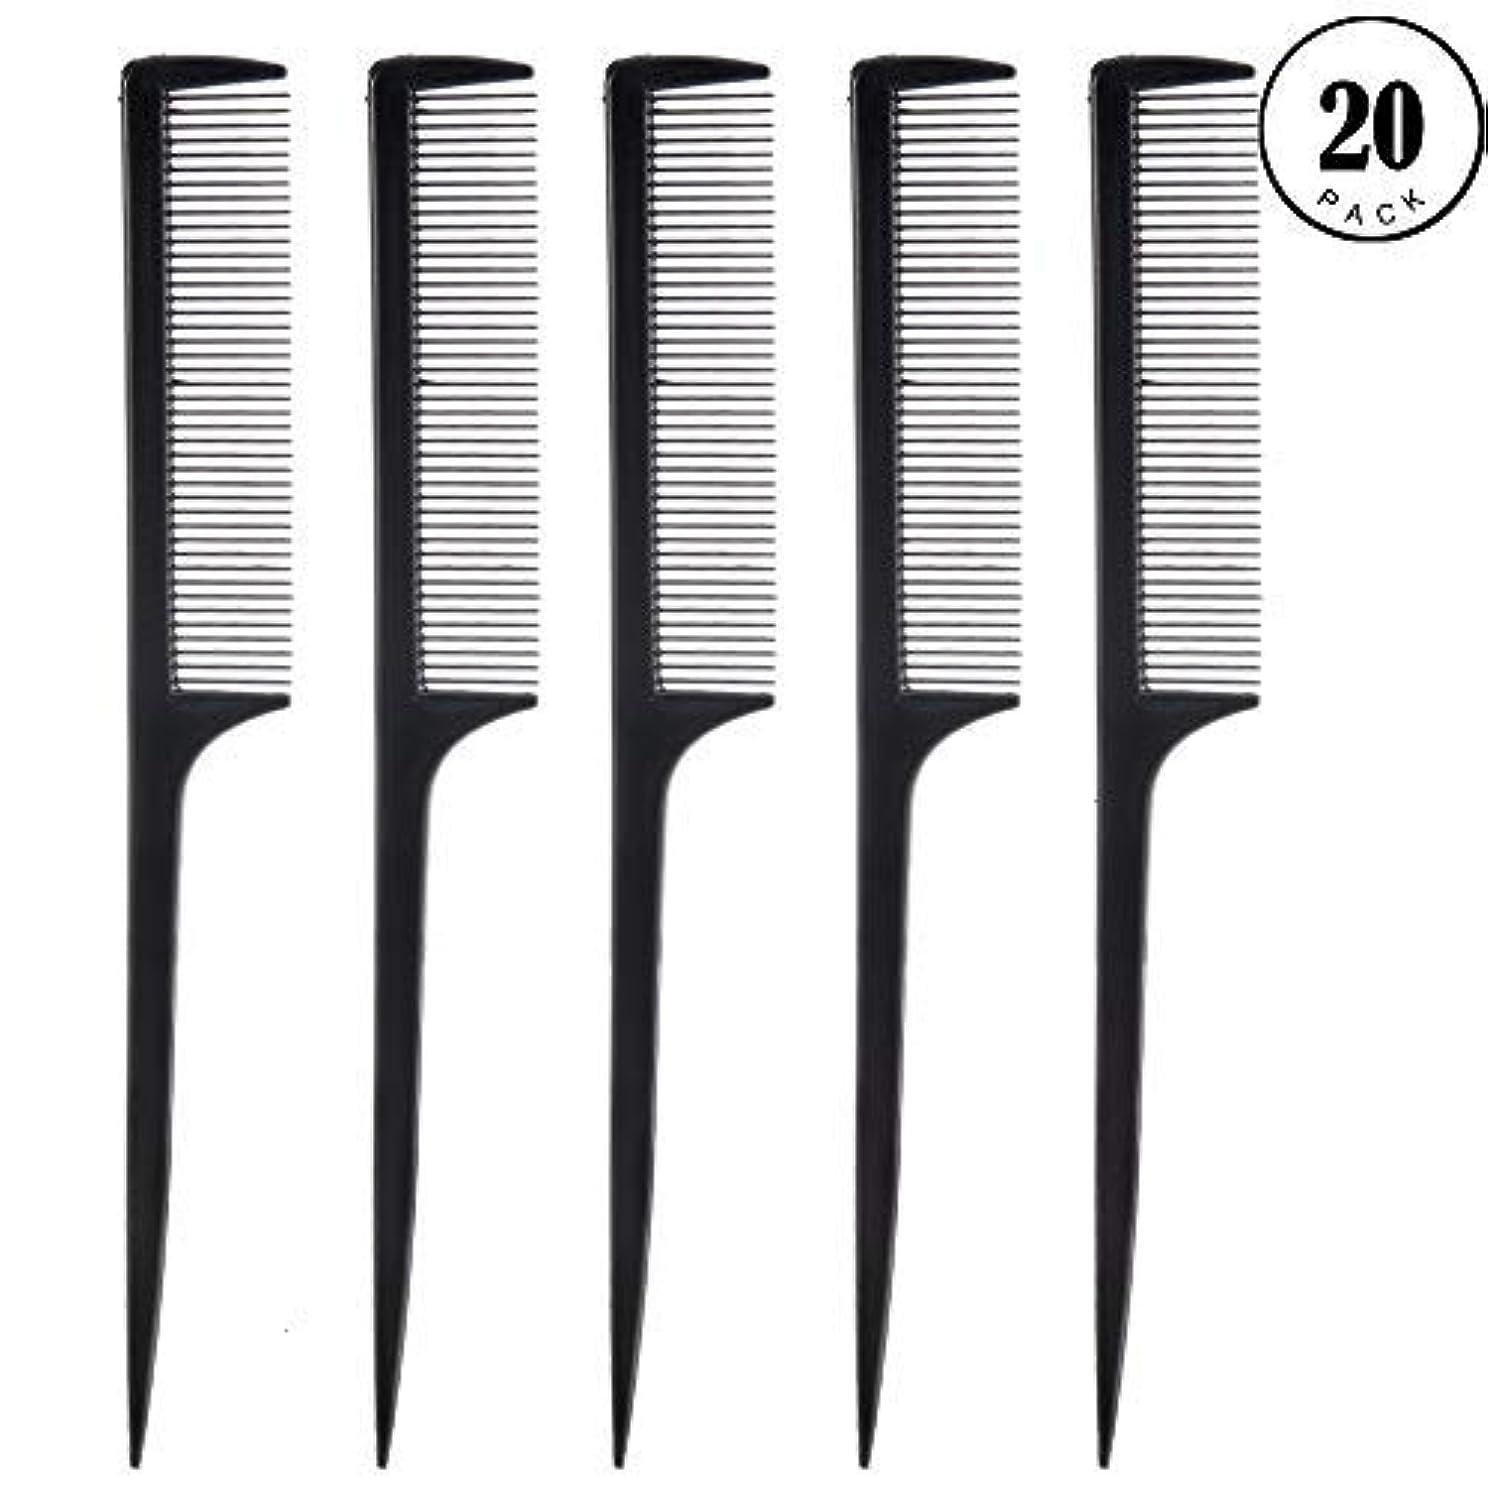 金貸し取り消す文化Feeko Comb, 20 Pieces 21CM Plastic Lightweight Rat Tail Comb All Hair Types Black [並行輸入品]